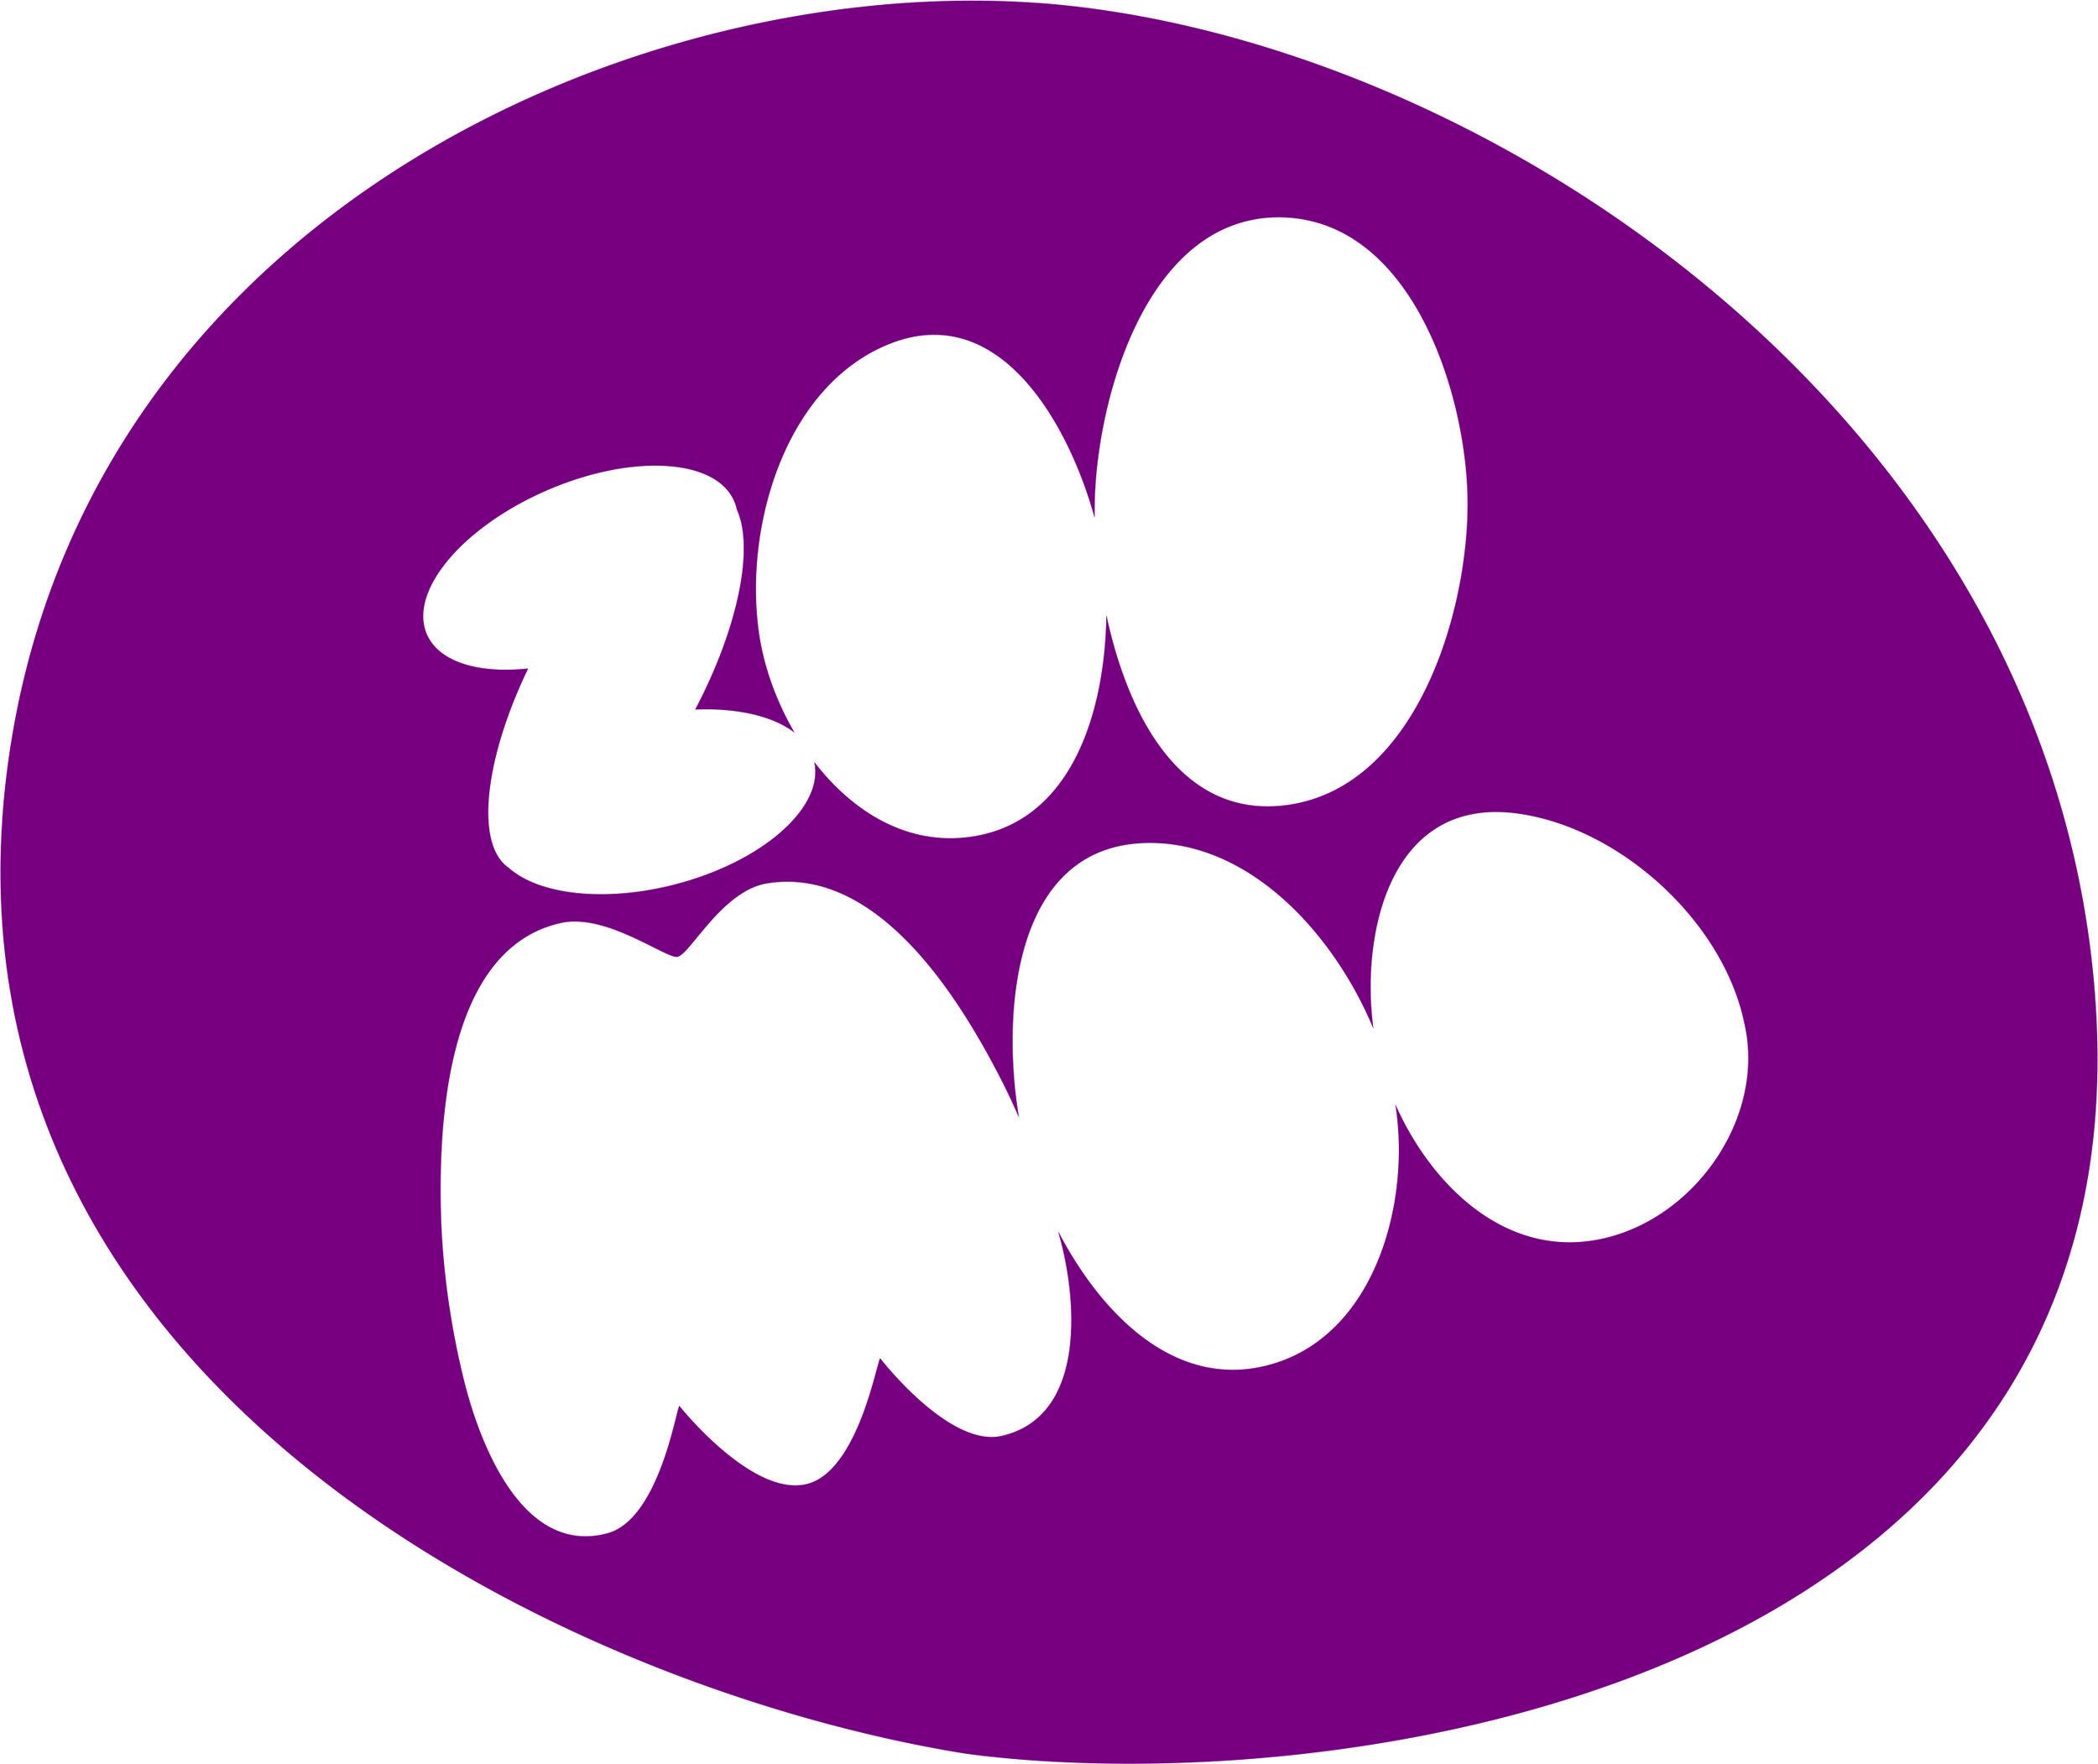 ZooMoo_logo_HIGHRES.jpg